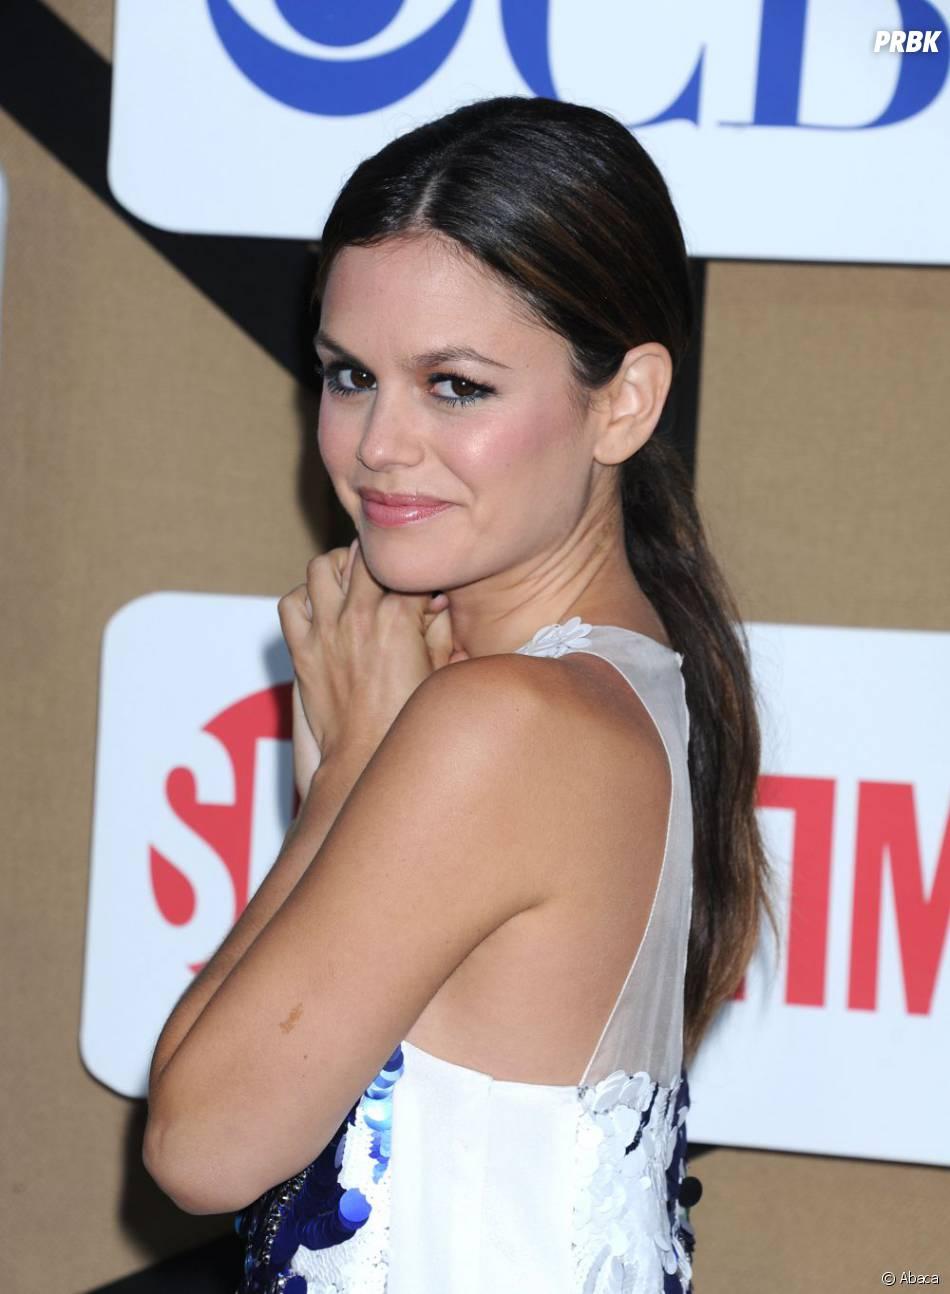 Rachel Bilson aux TCA's de Los Angeles le 29 juillet 2013